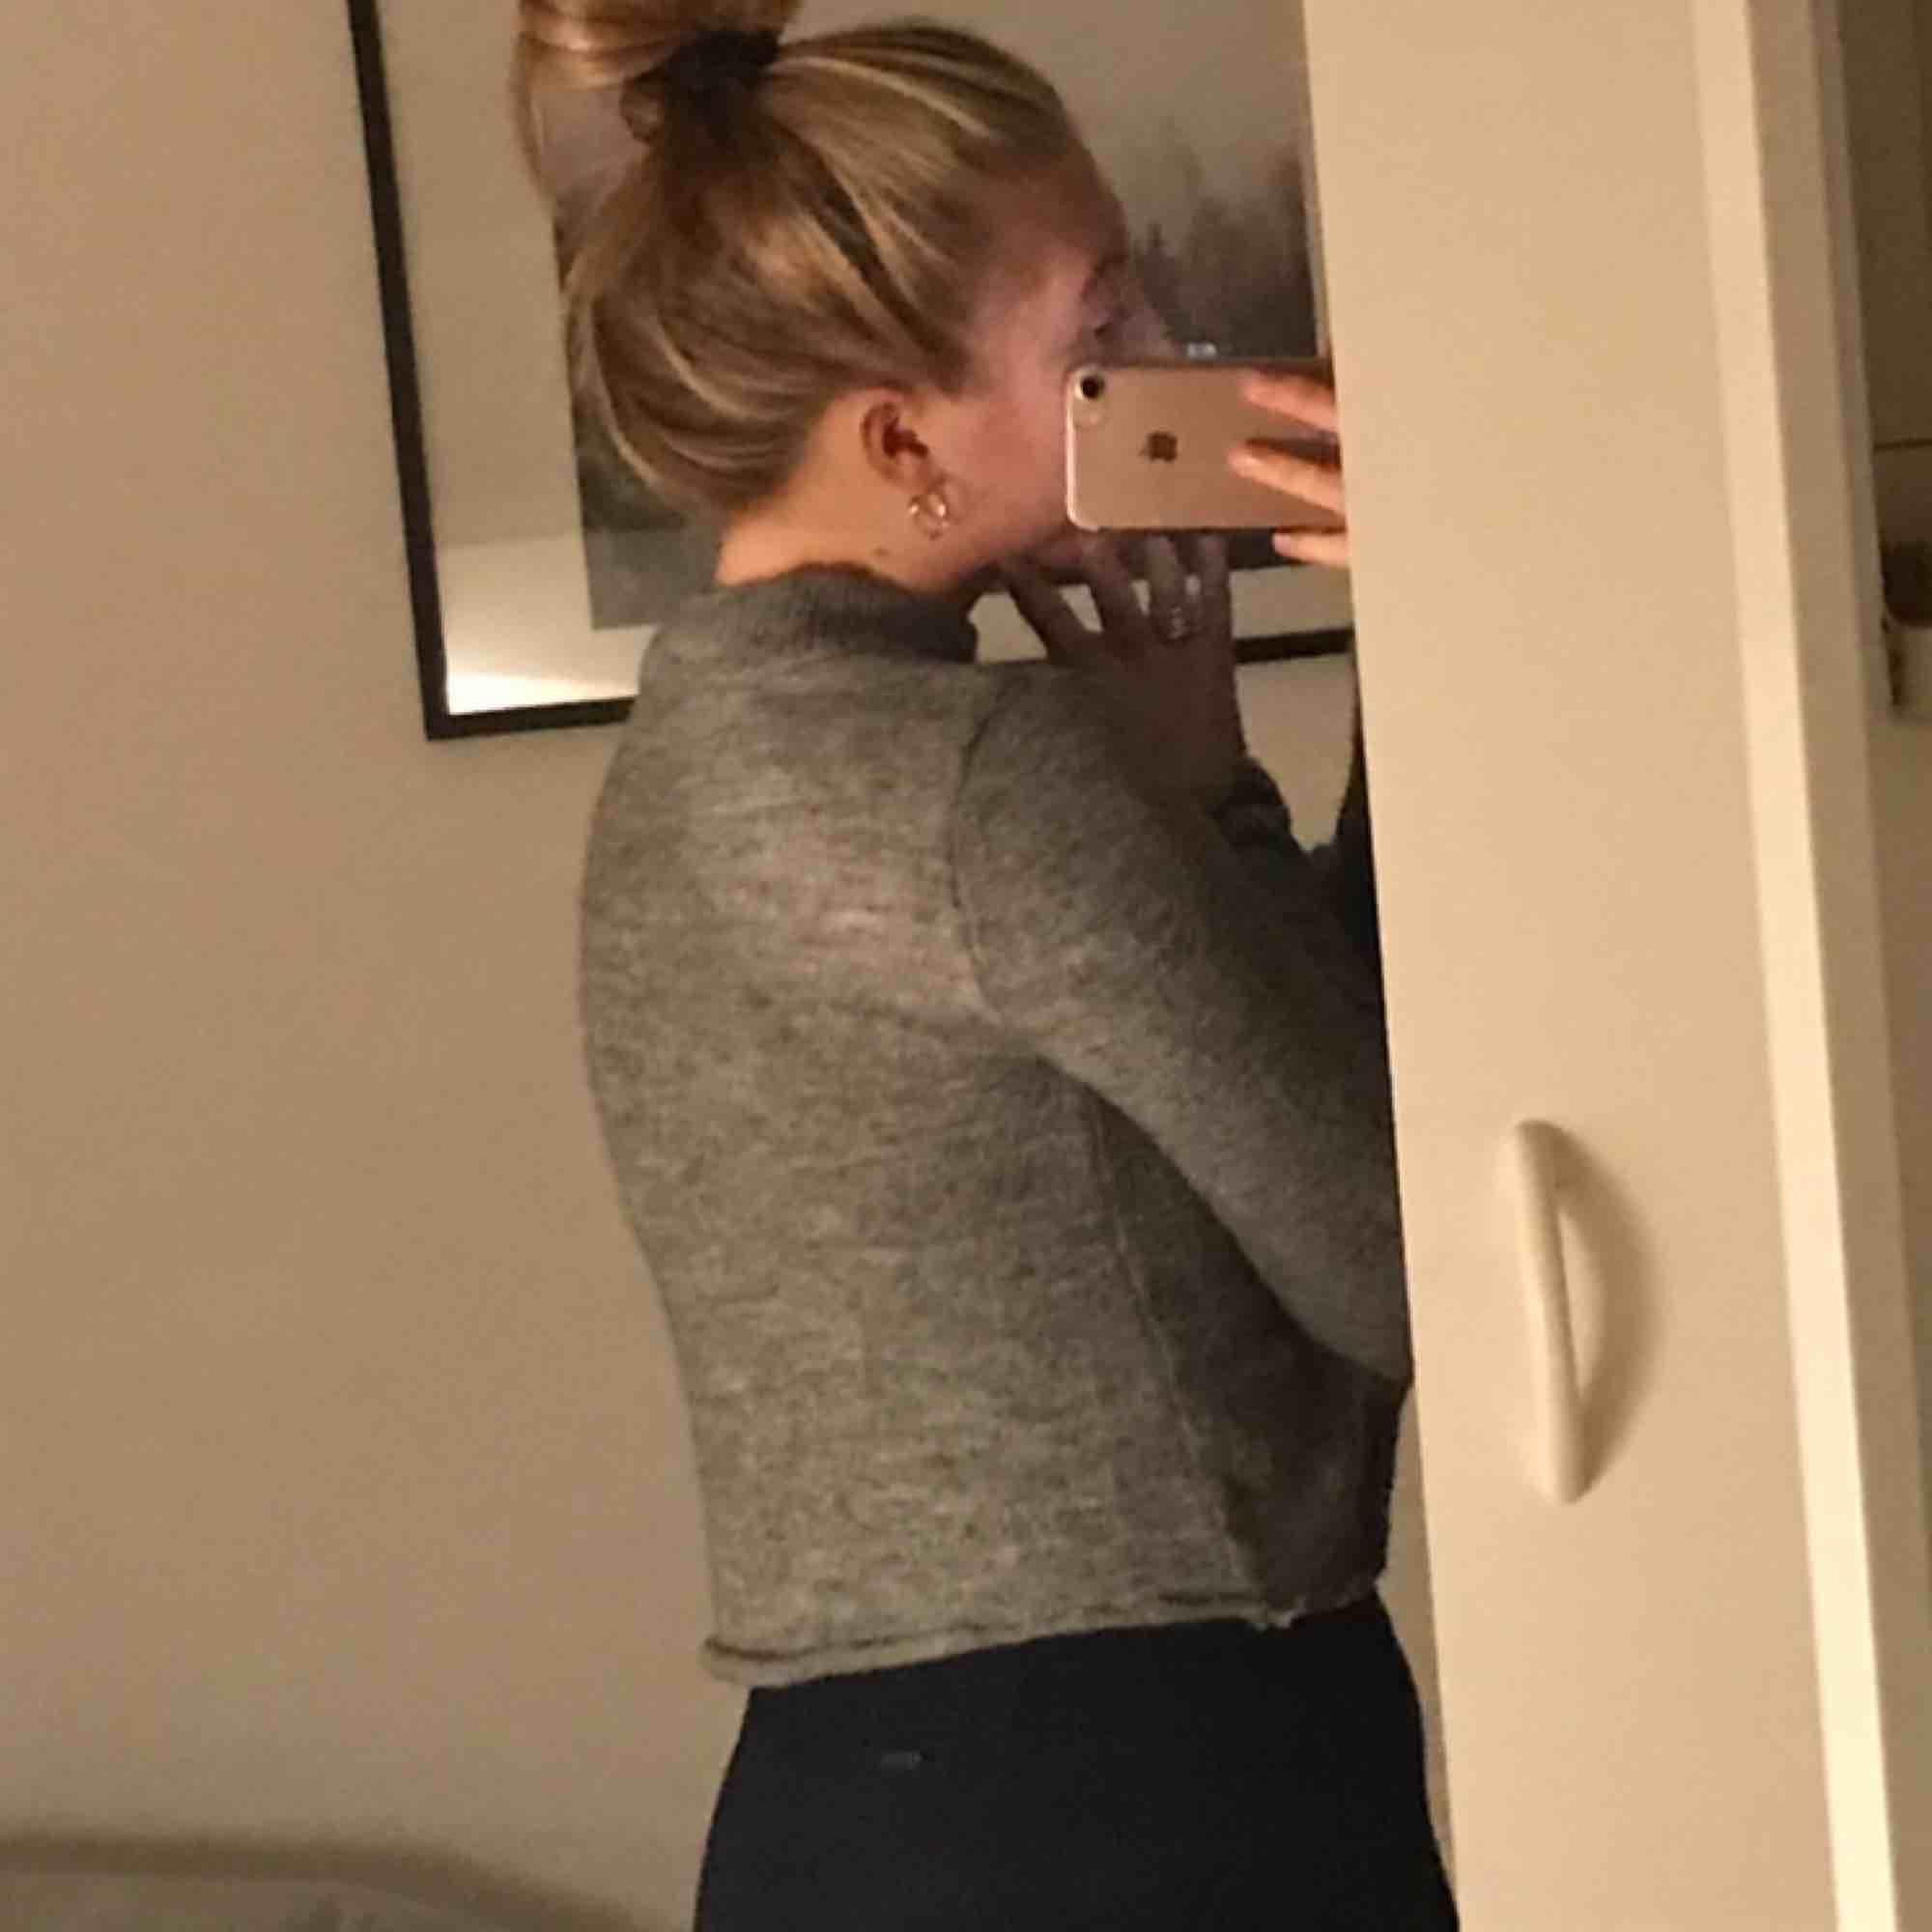 En mysig croped tröja, knappt använd😀😀✌️🥰. Tröjor & Koftor.